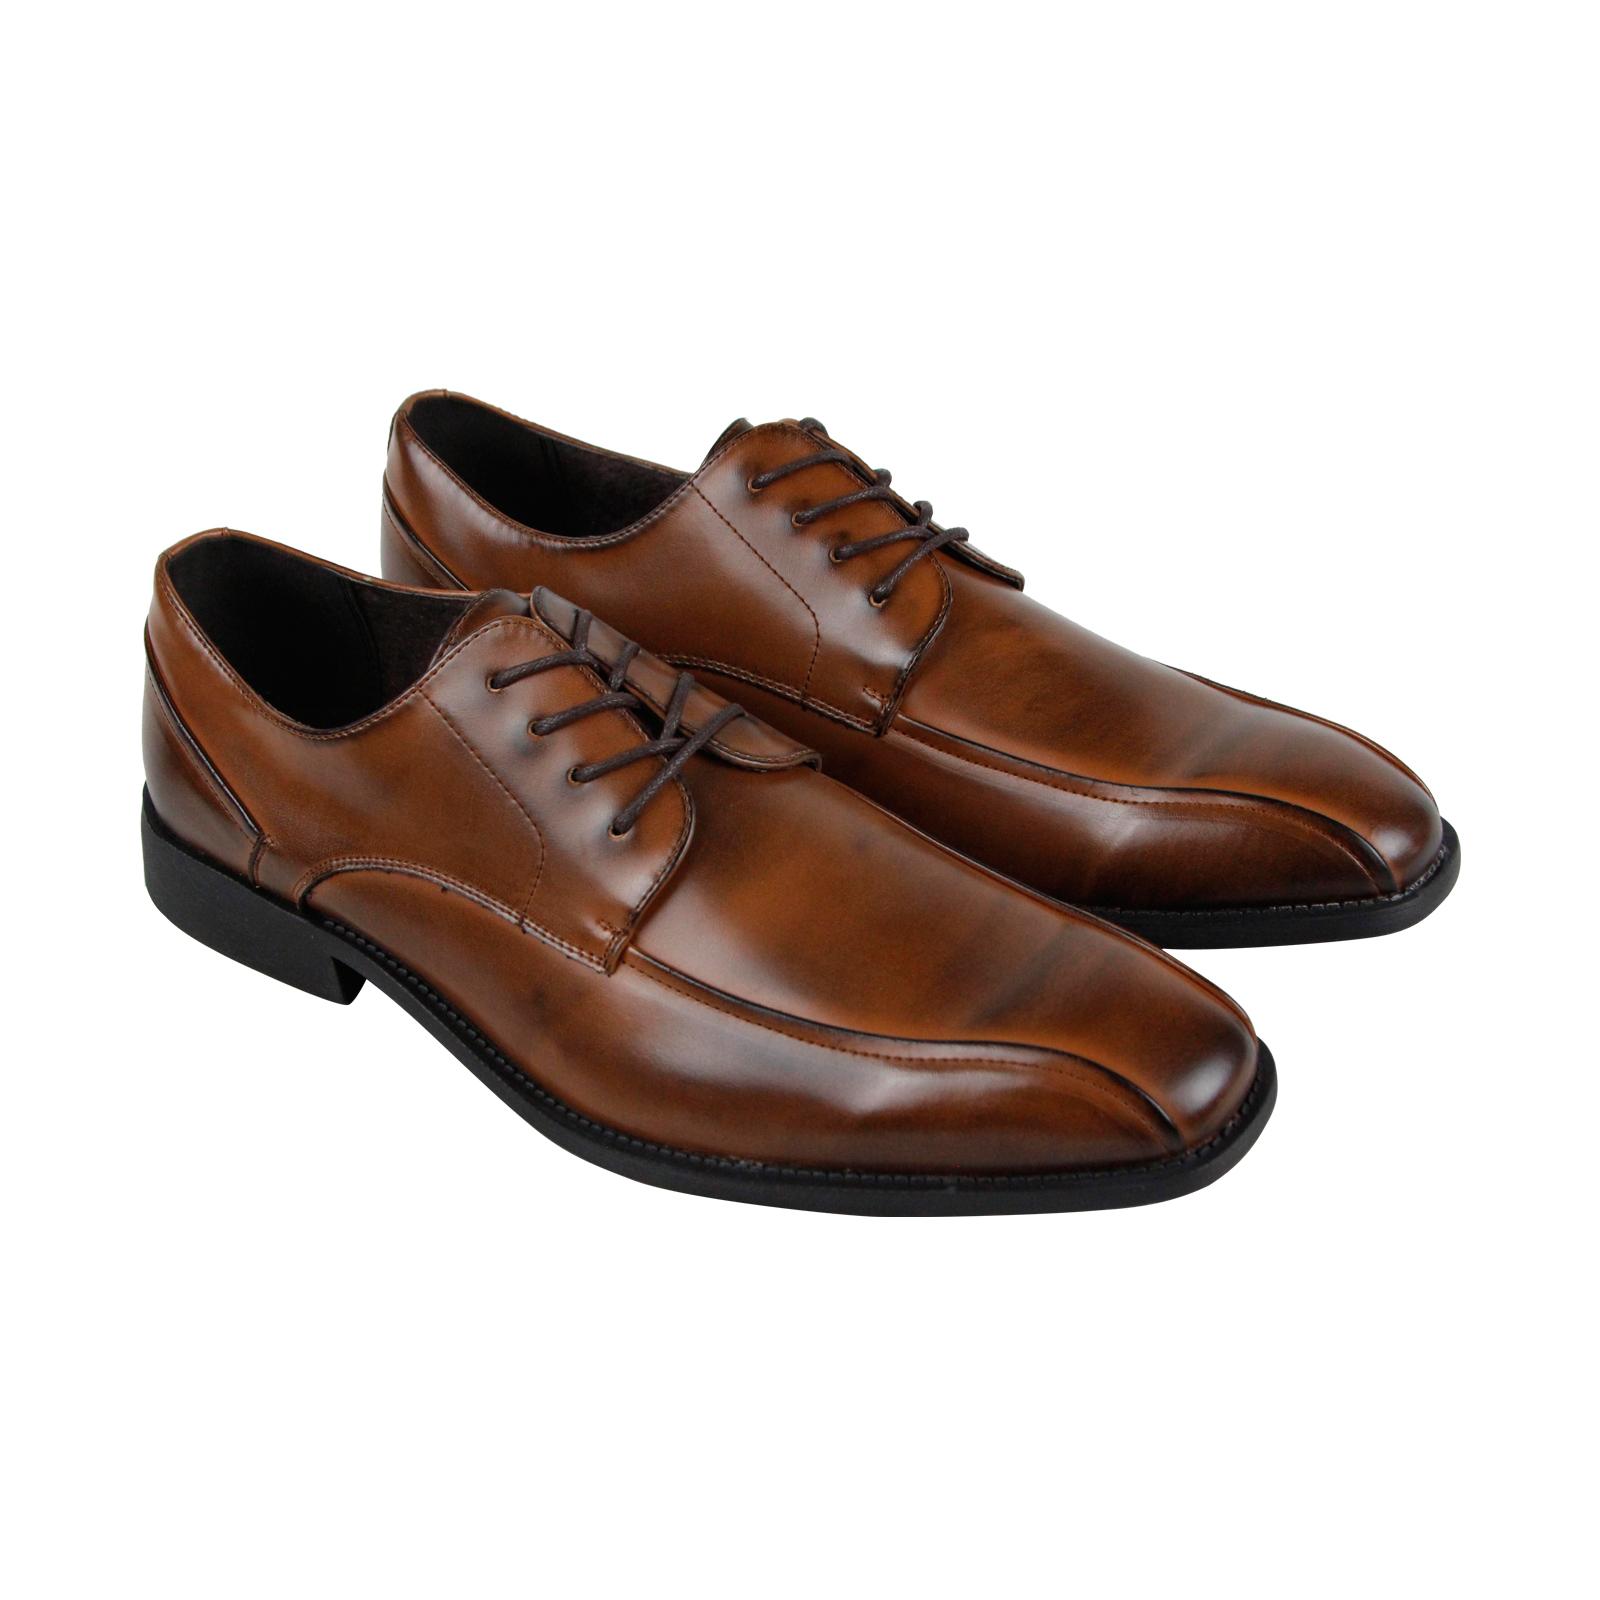 Kenneth Cole Marrones Reaction Watts Oxford Hombres Zapatos Marrones Cole Cuero Con Cordones Oxford e1daa8